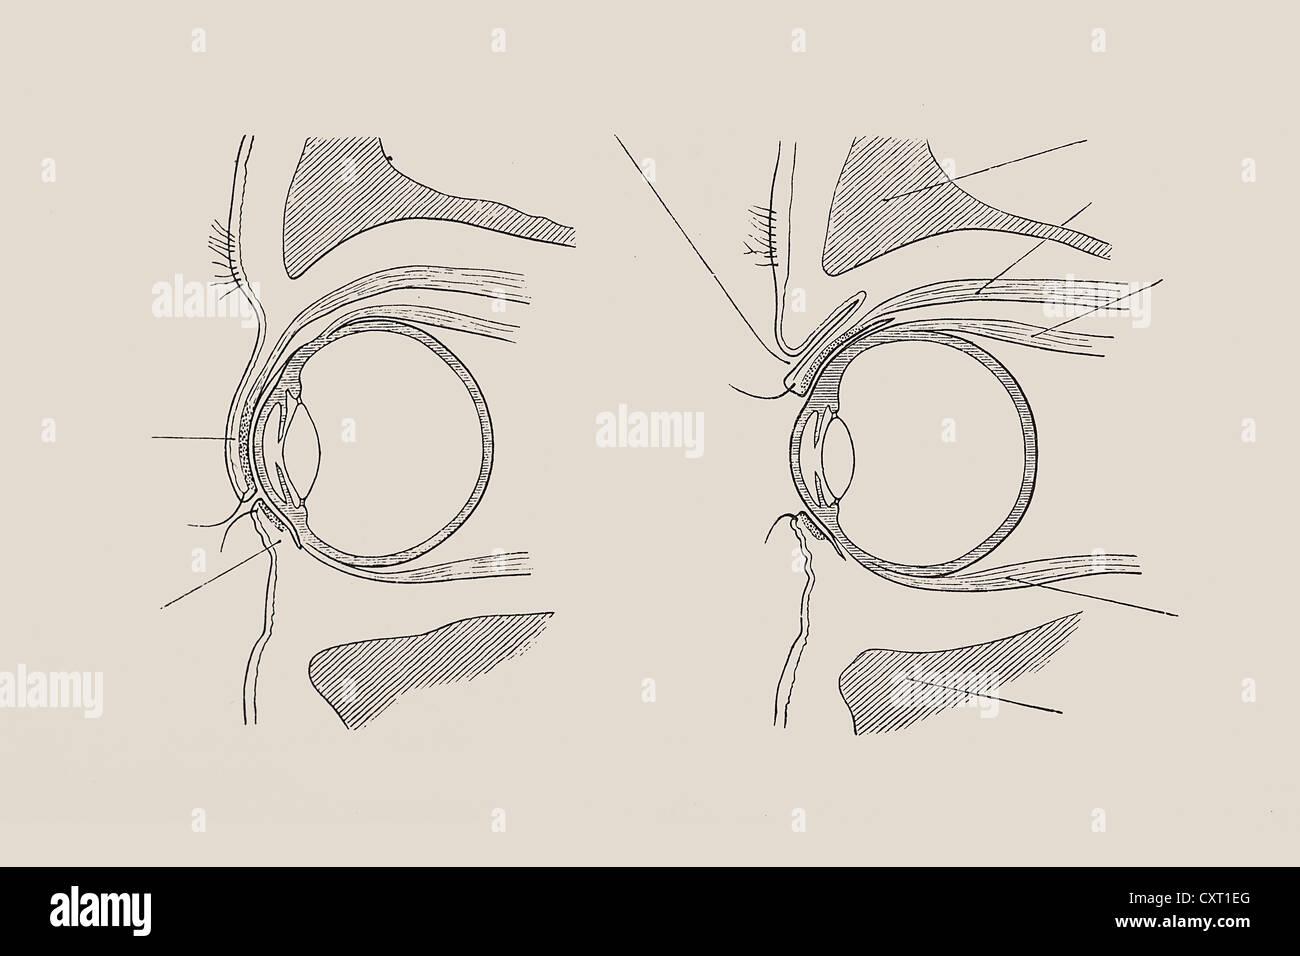 Schnittansicht des menschlichen Auges, anatomische Abbildung ...